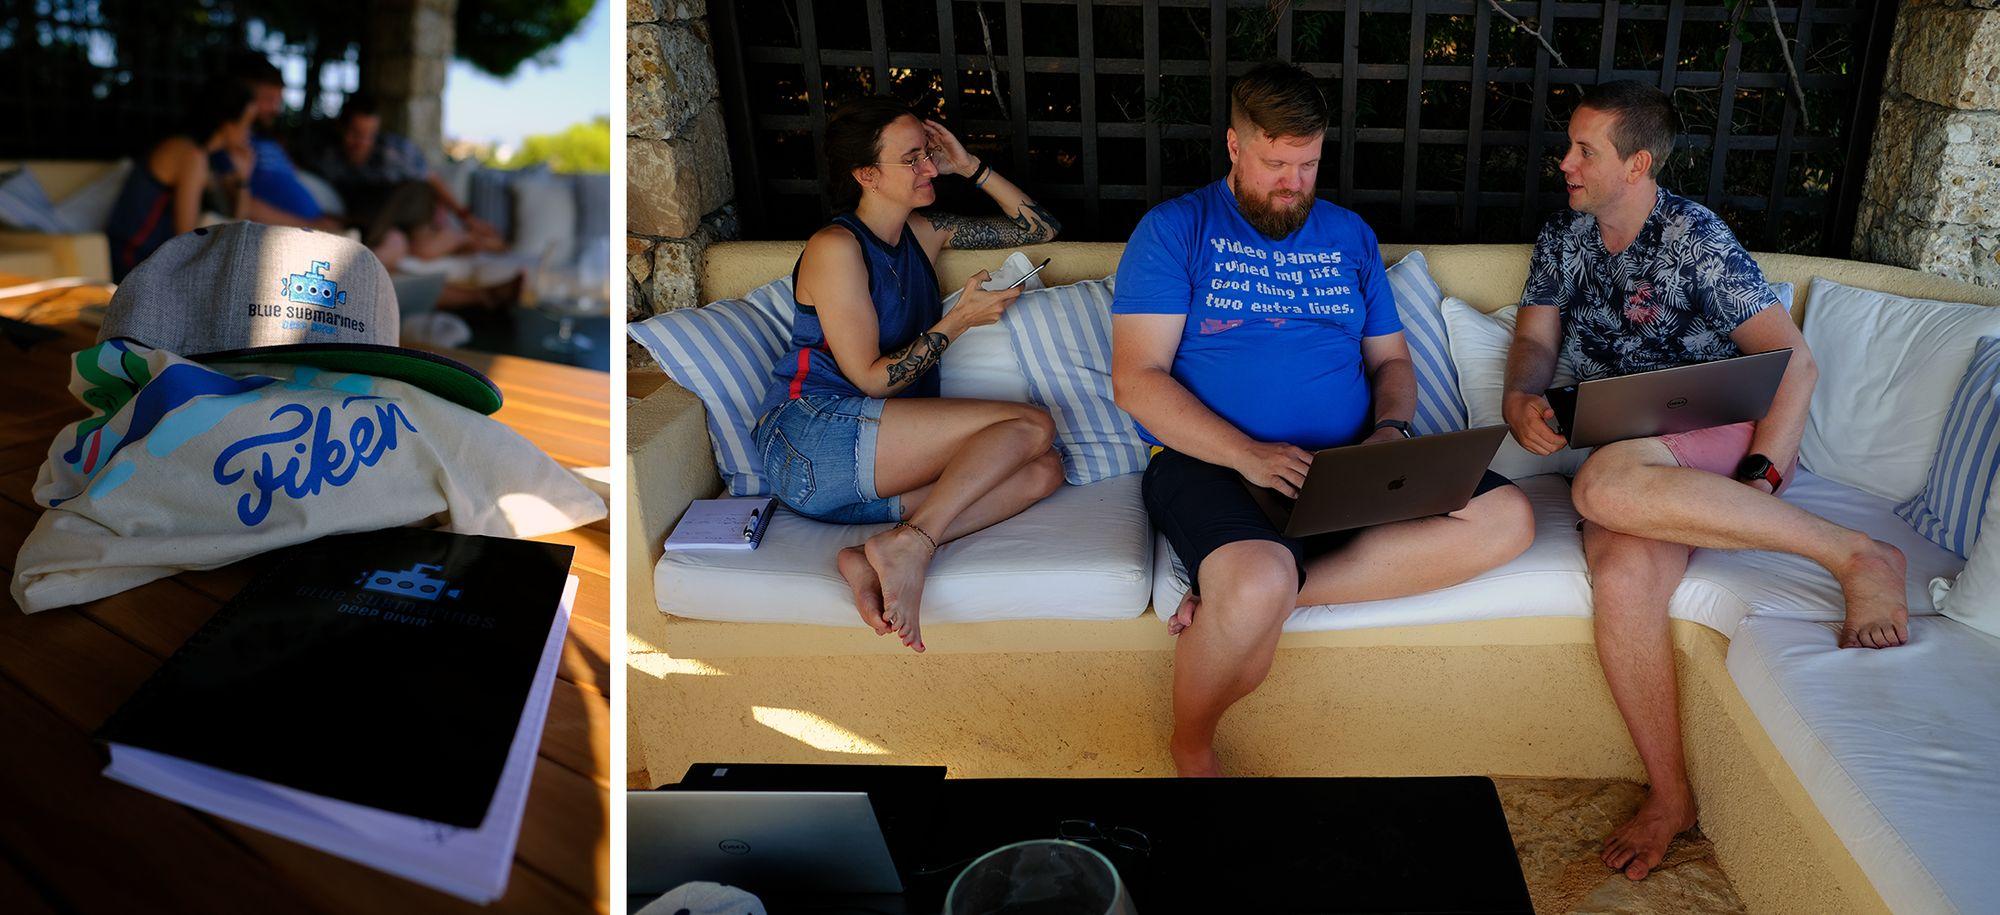 Fotografi av tre personer som sitter i en sofa med bærbare datamaskiner